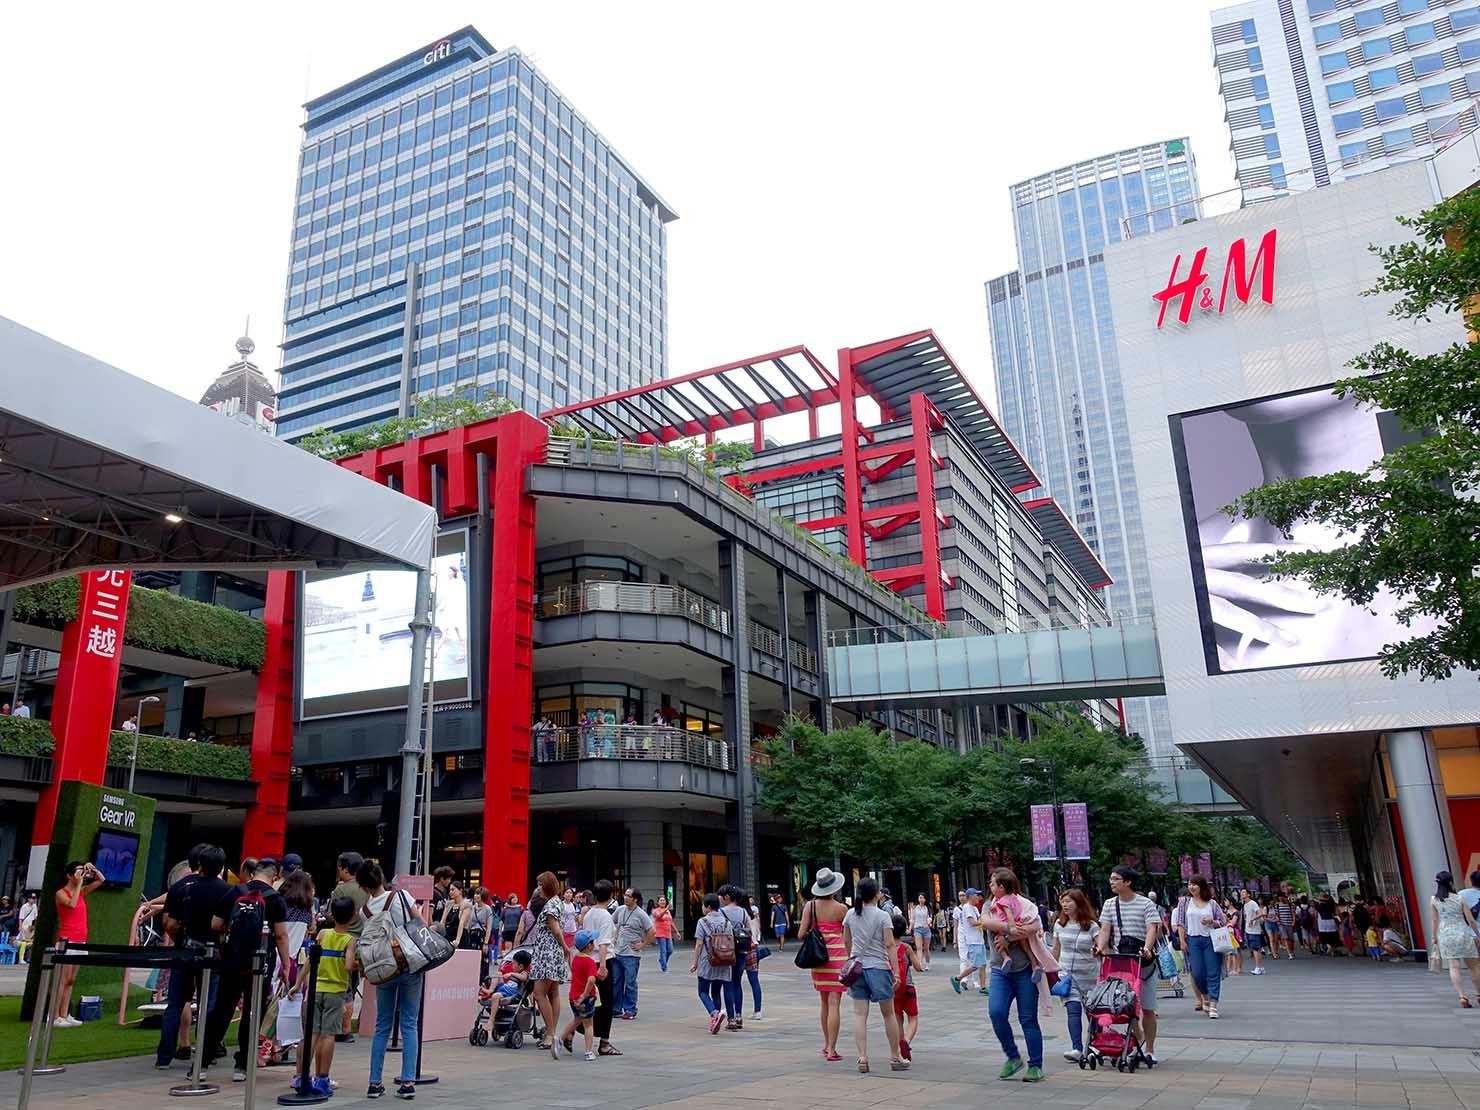 台北・信義區にある新光三越の広場